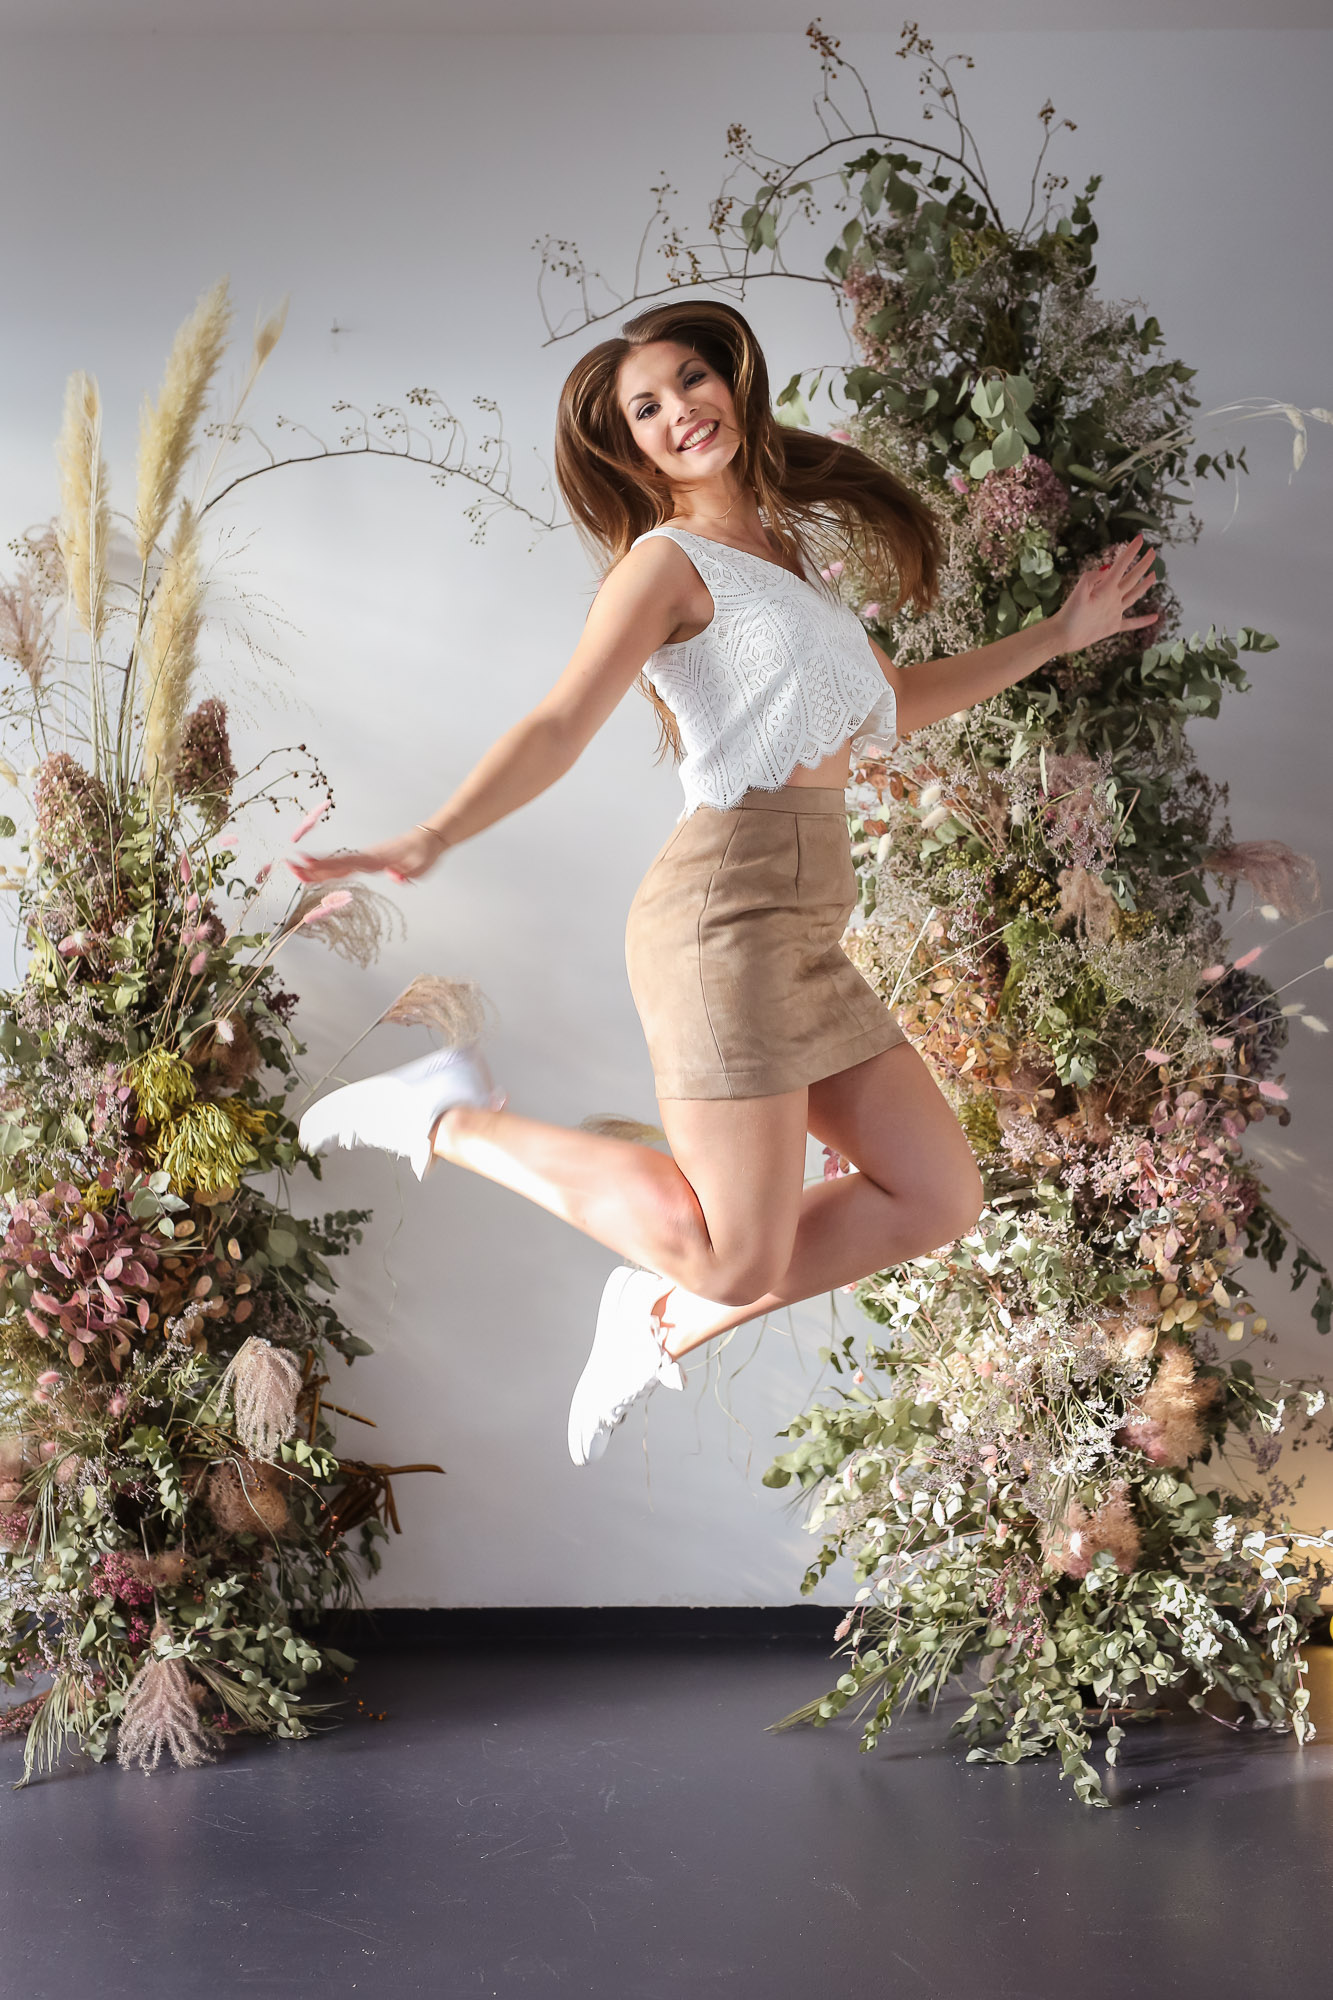 noni Brautkleider, ärmelloses Top in Ivory aus grafischer Spitze mit kurzem beigen Rock und Sneakers